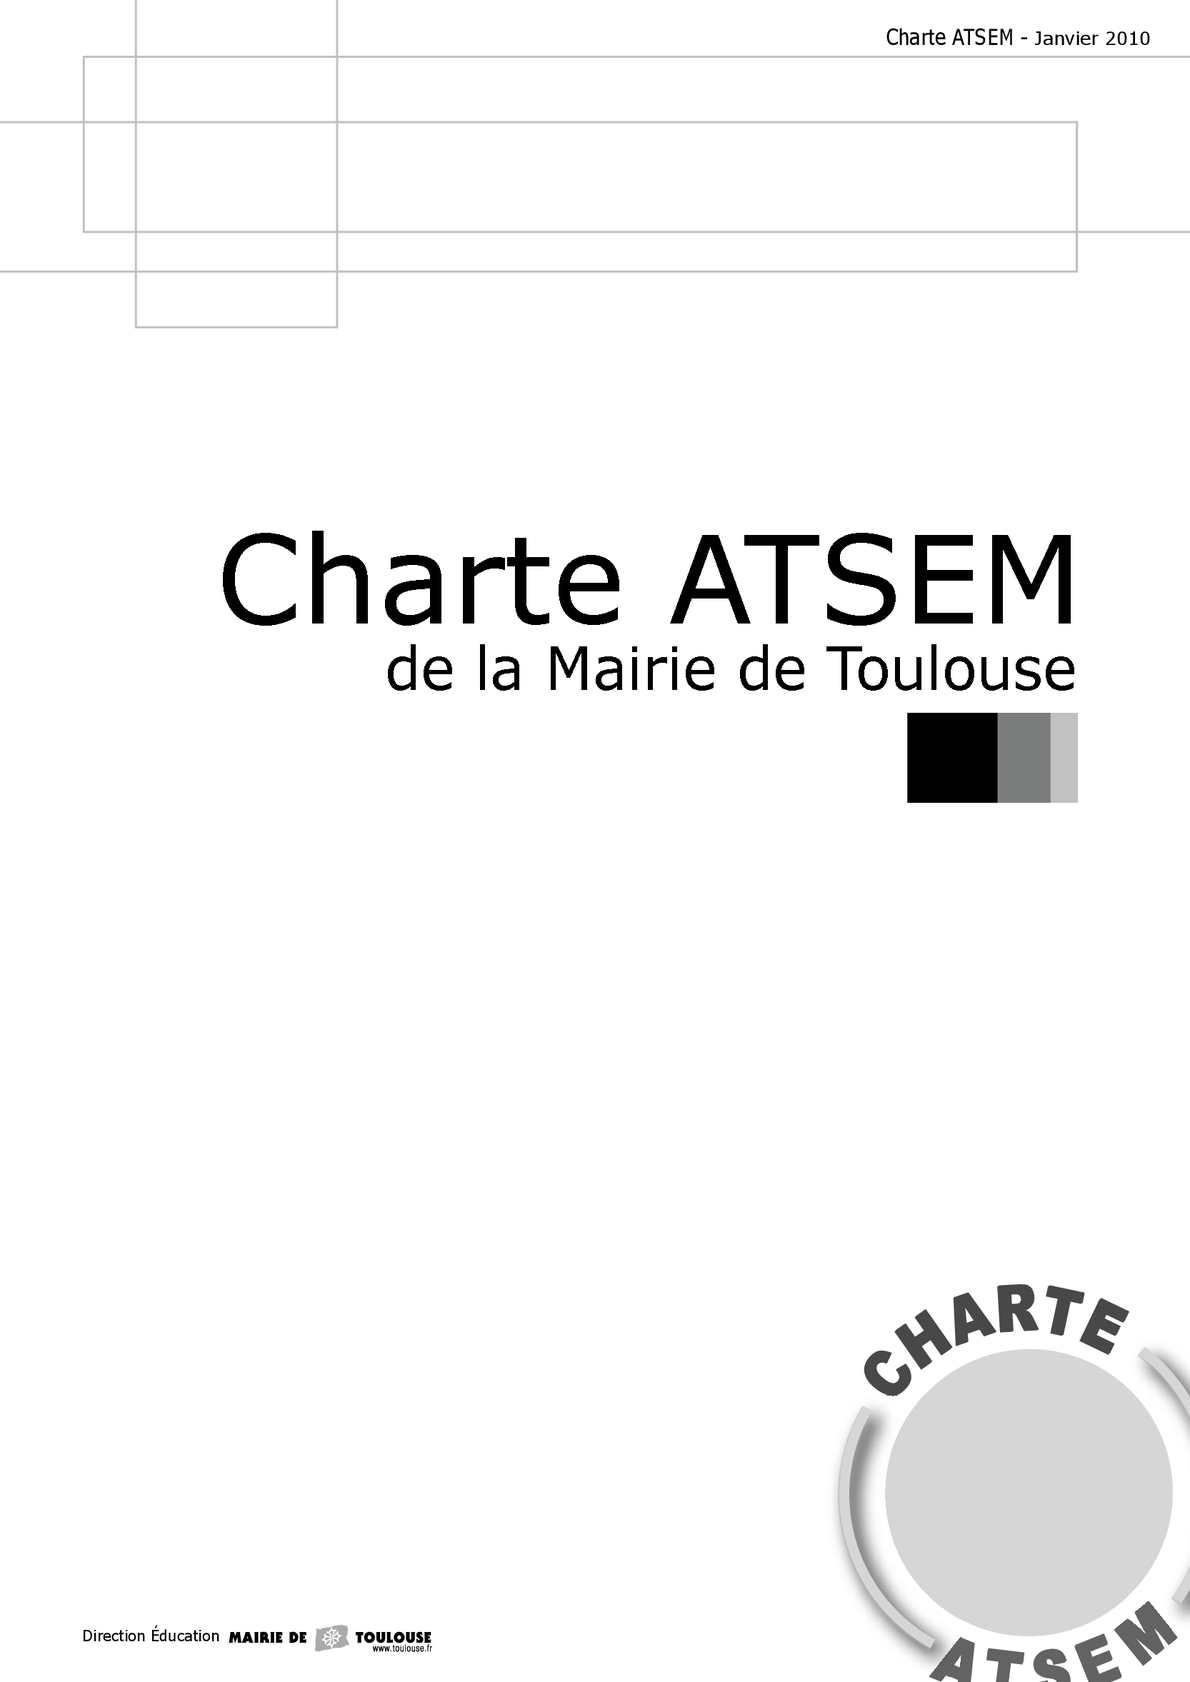 Charte des ATSEM